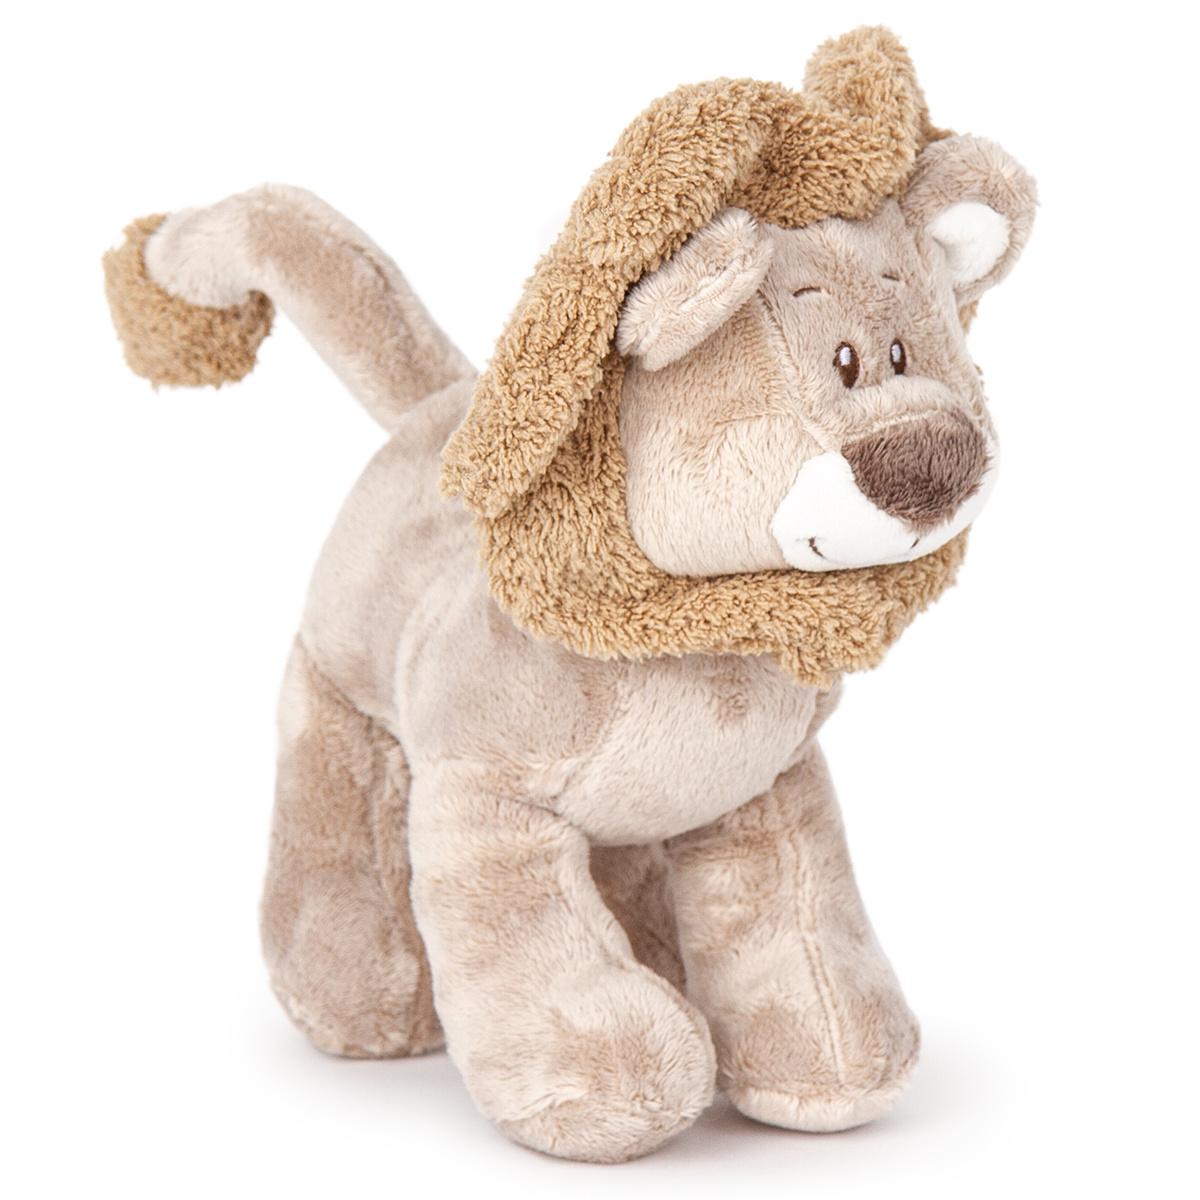 Koopman Plyšový lev hnědá, 22 cm